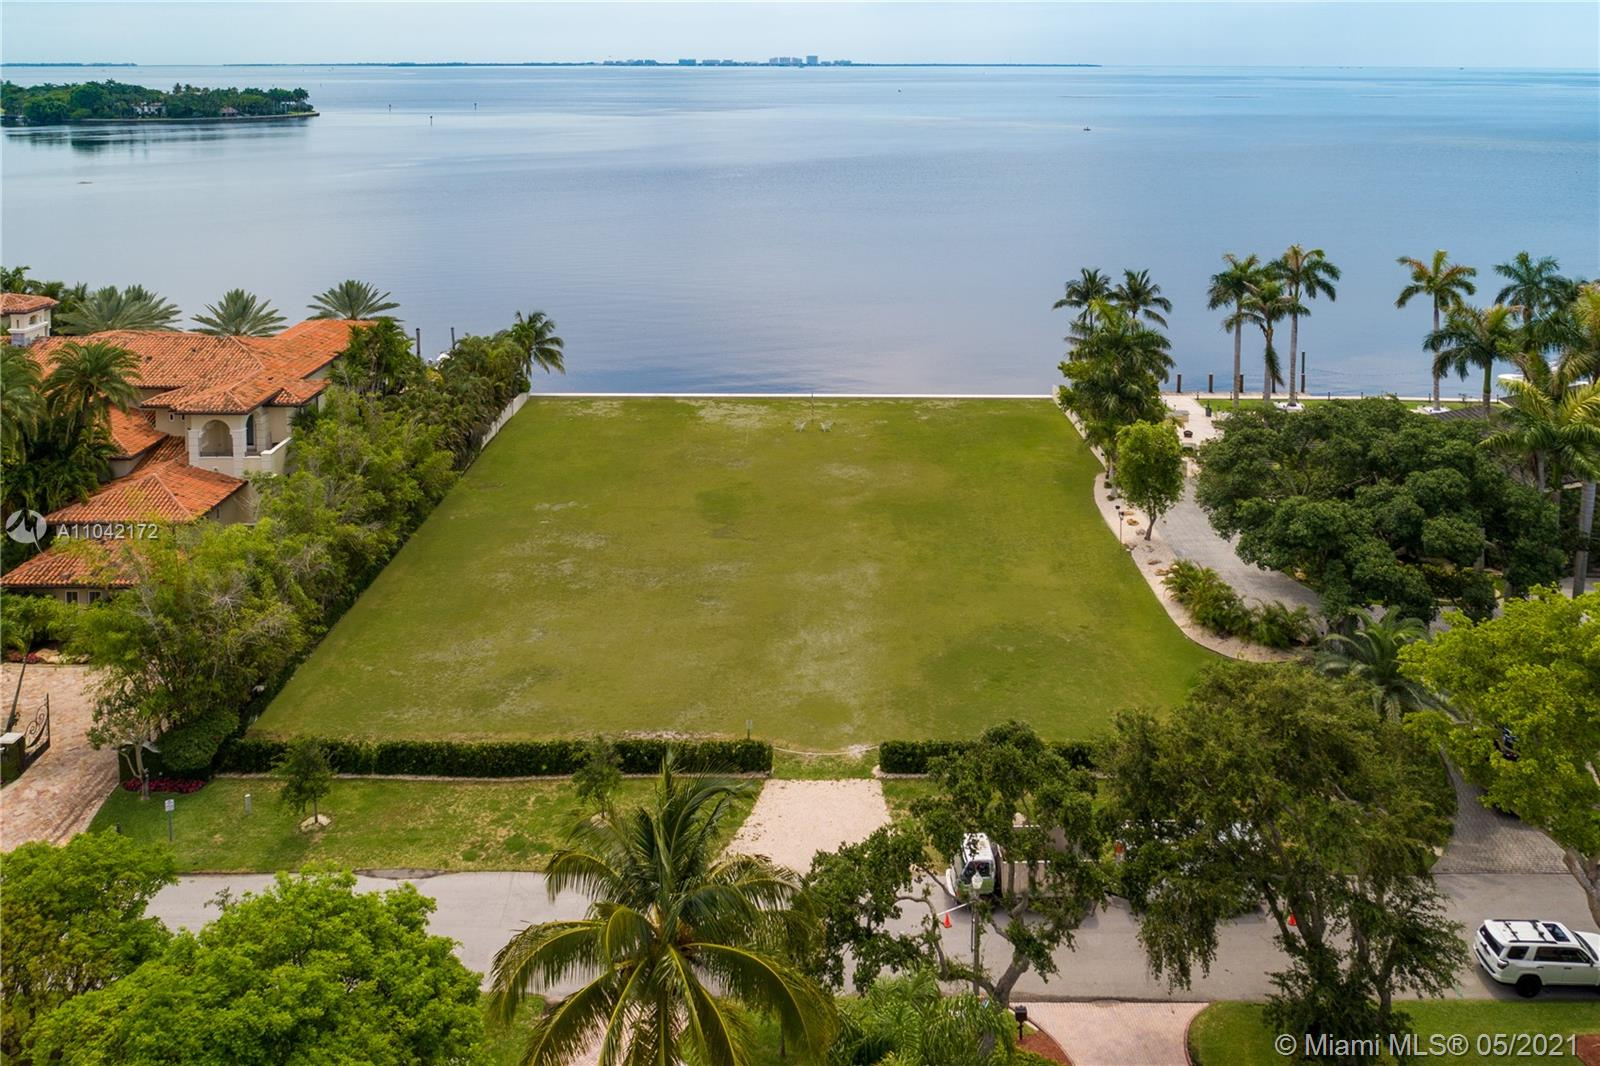 185 Solano Prado Luxury Real Estate